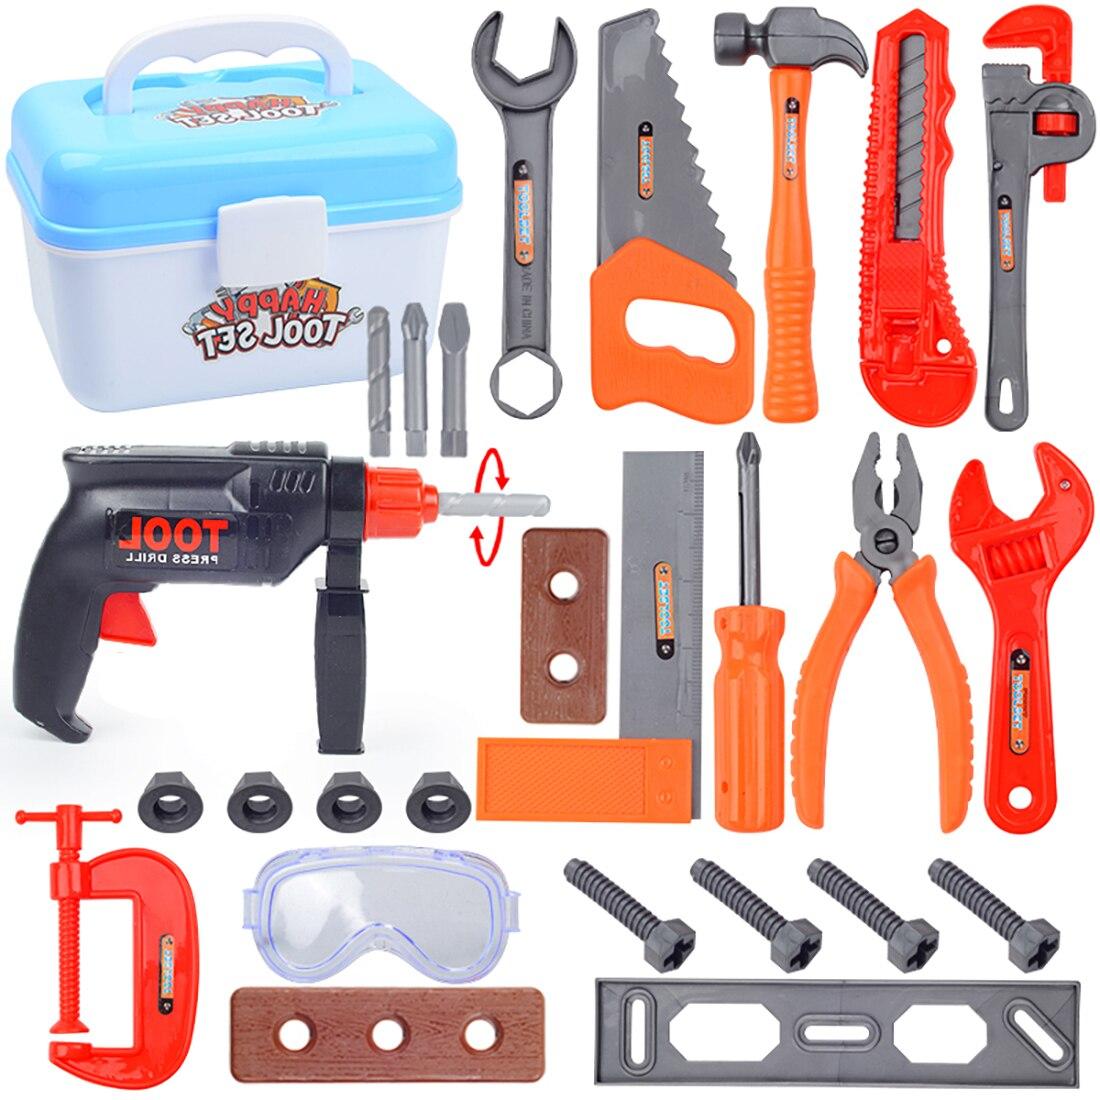 Surwish nuevo Mini caja de 27 piezas niños herramientas de reparación de maleta herramientas juguete conjuntos para niños niñas habilidad y entrenamiento cerebral